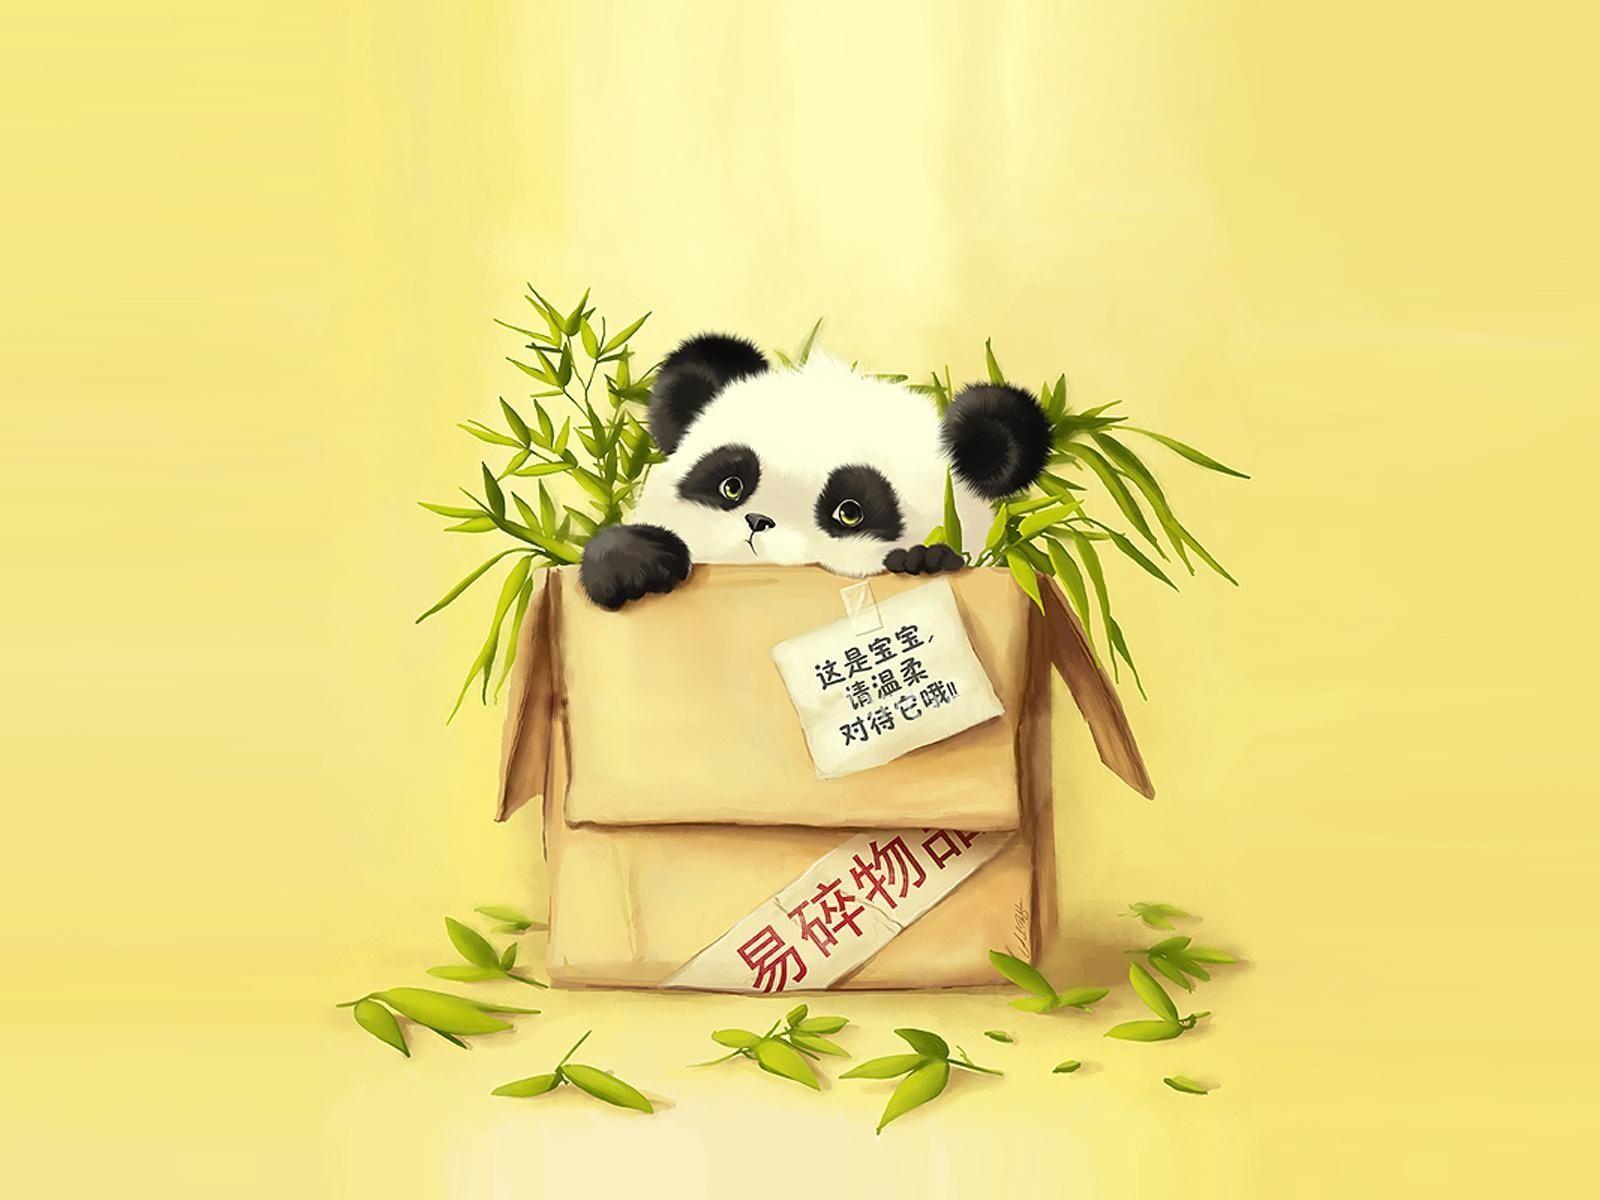 petit panda so cute